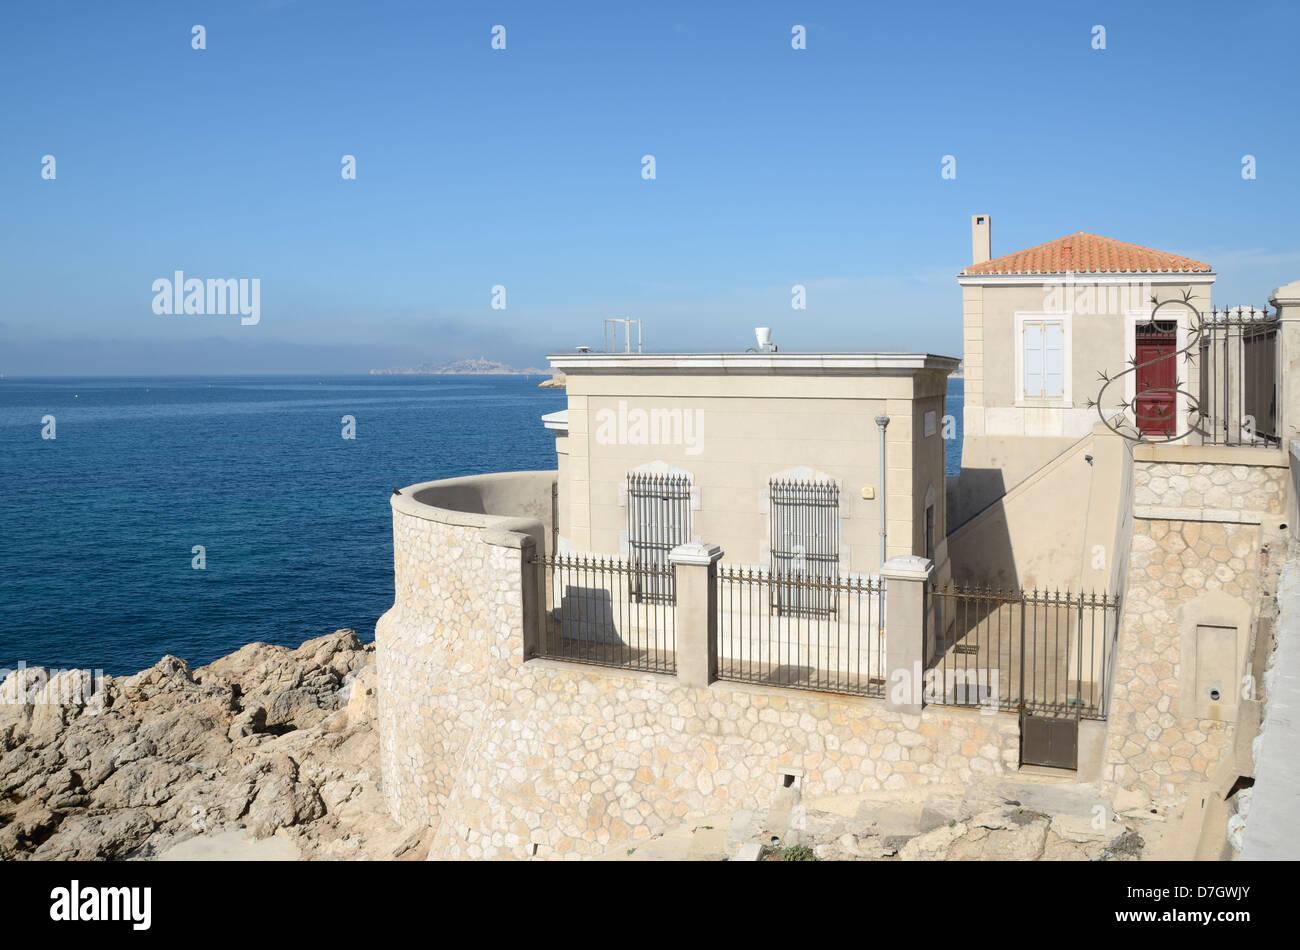 Marégraphe (1883) Mean Sea Level (MSL) Measurement Marseille France - Stock Image